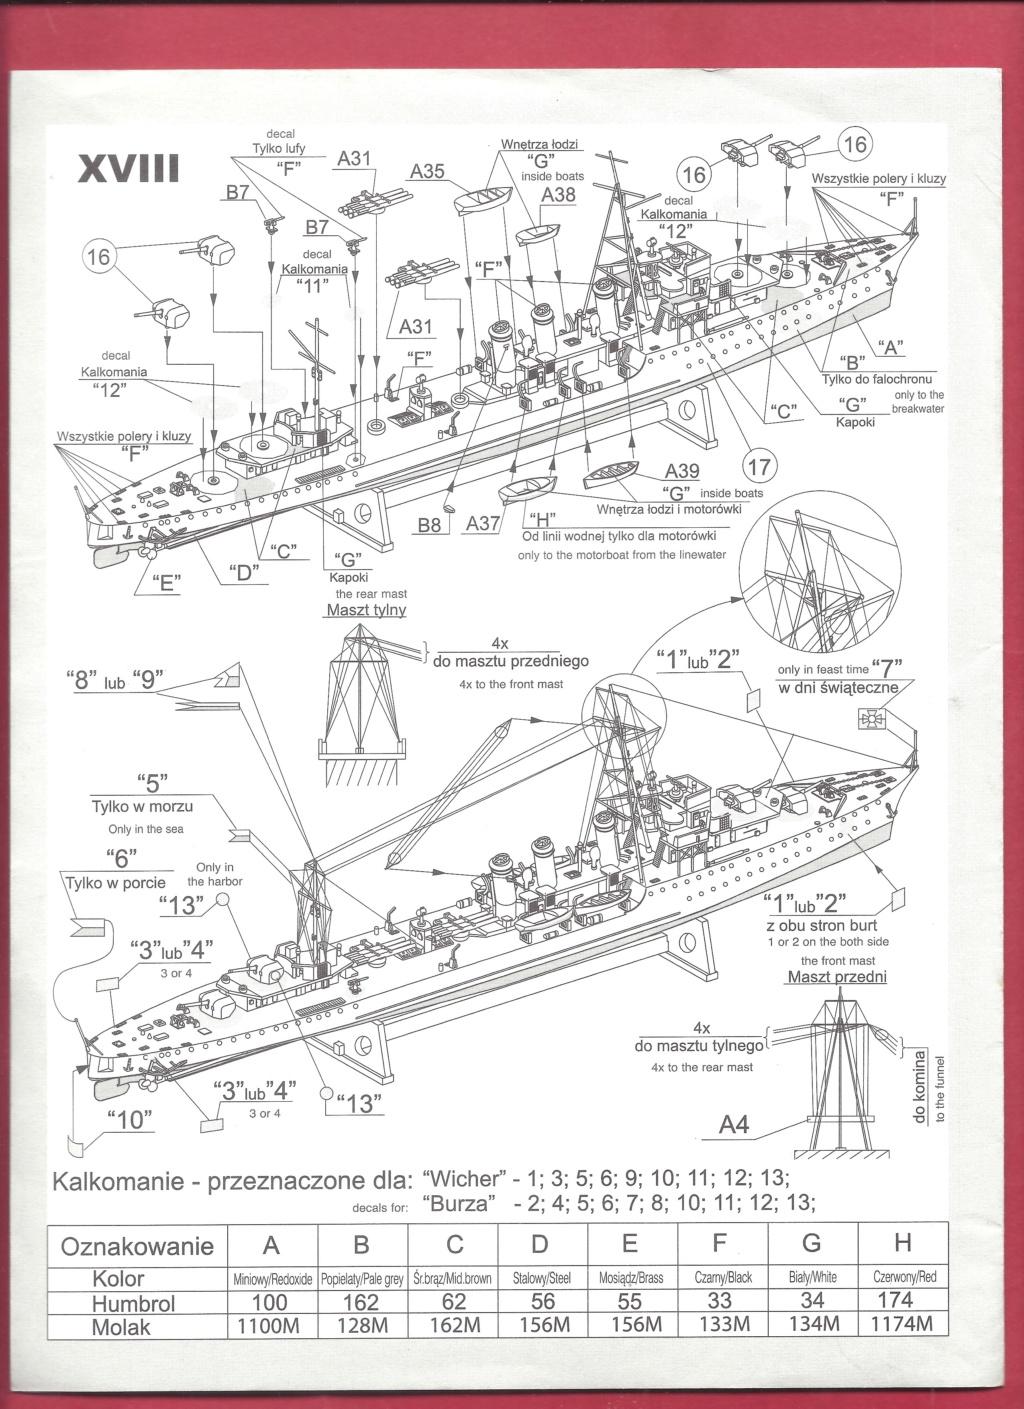 [MIRAGE] Torpilleur d escadre de 1 500t classe ADROIT ORP WICHER 1/400ème Réf 40068    Mirage15